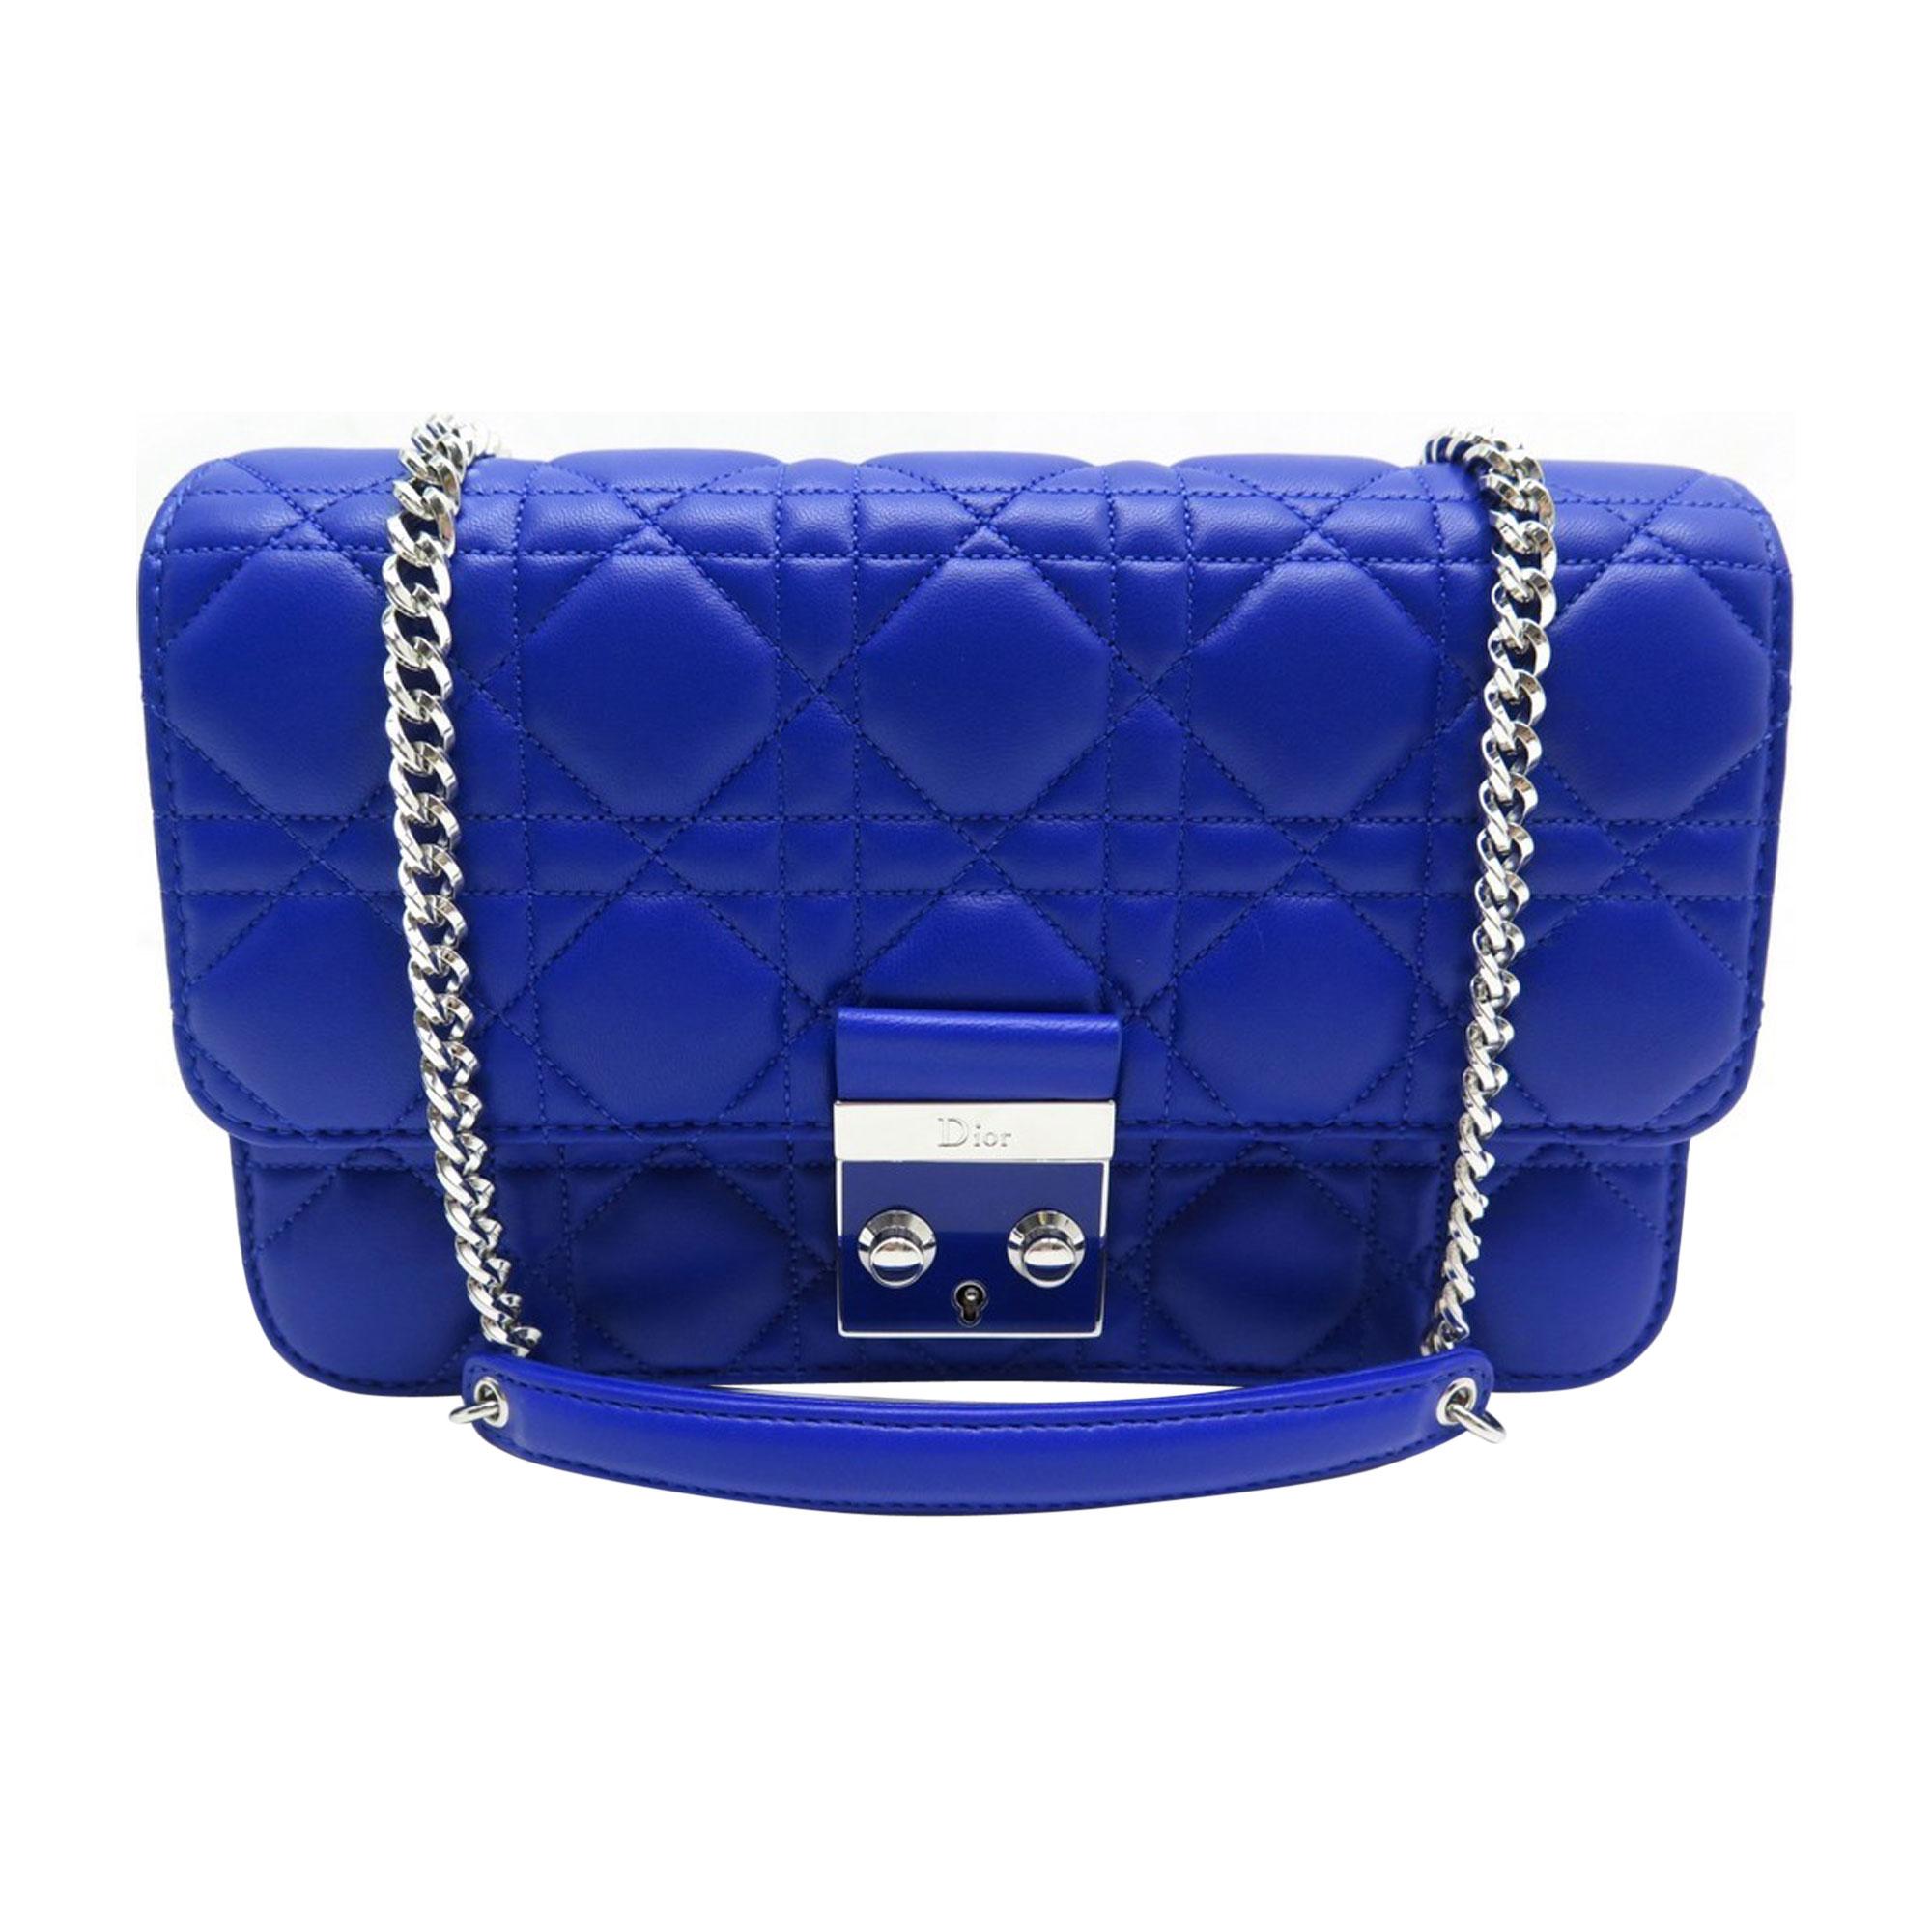 Leather Shoulder Bag DIOR Blue, navy, turquoise